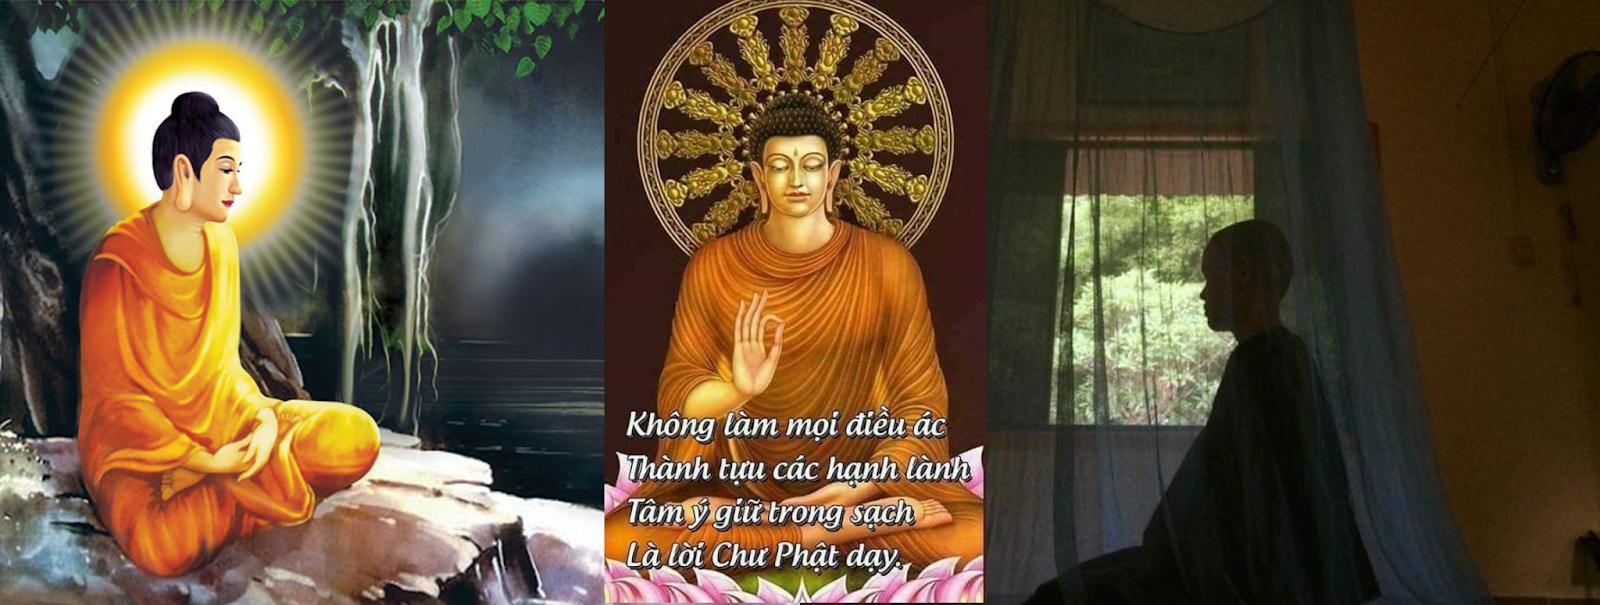 Những ngày chẳng muốn làm gì chẳng muốn ăn... quán tưởng sự chết - Tu nữ Tịnh Tín